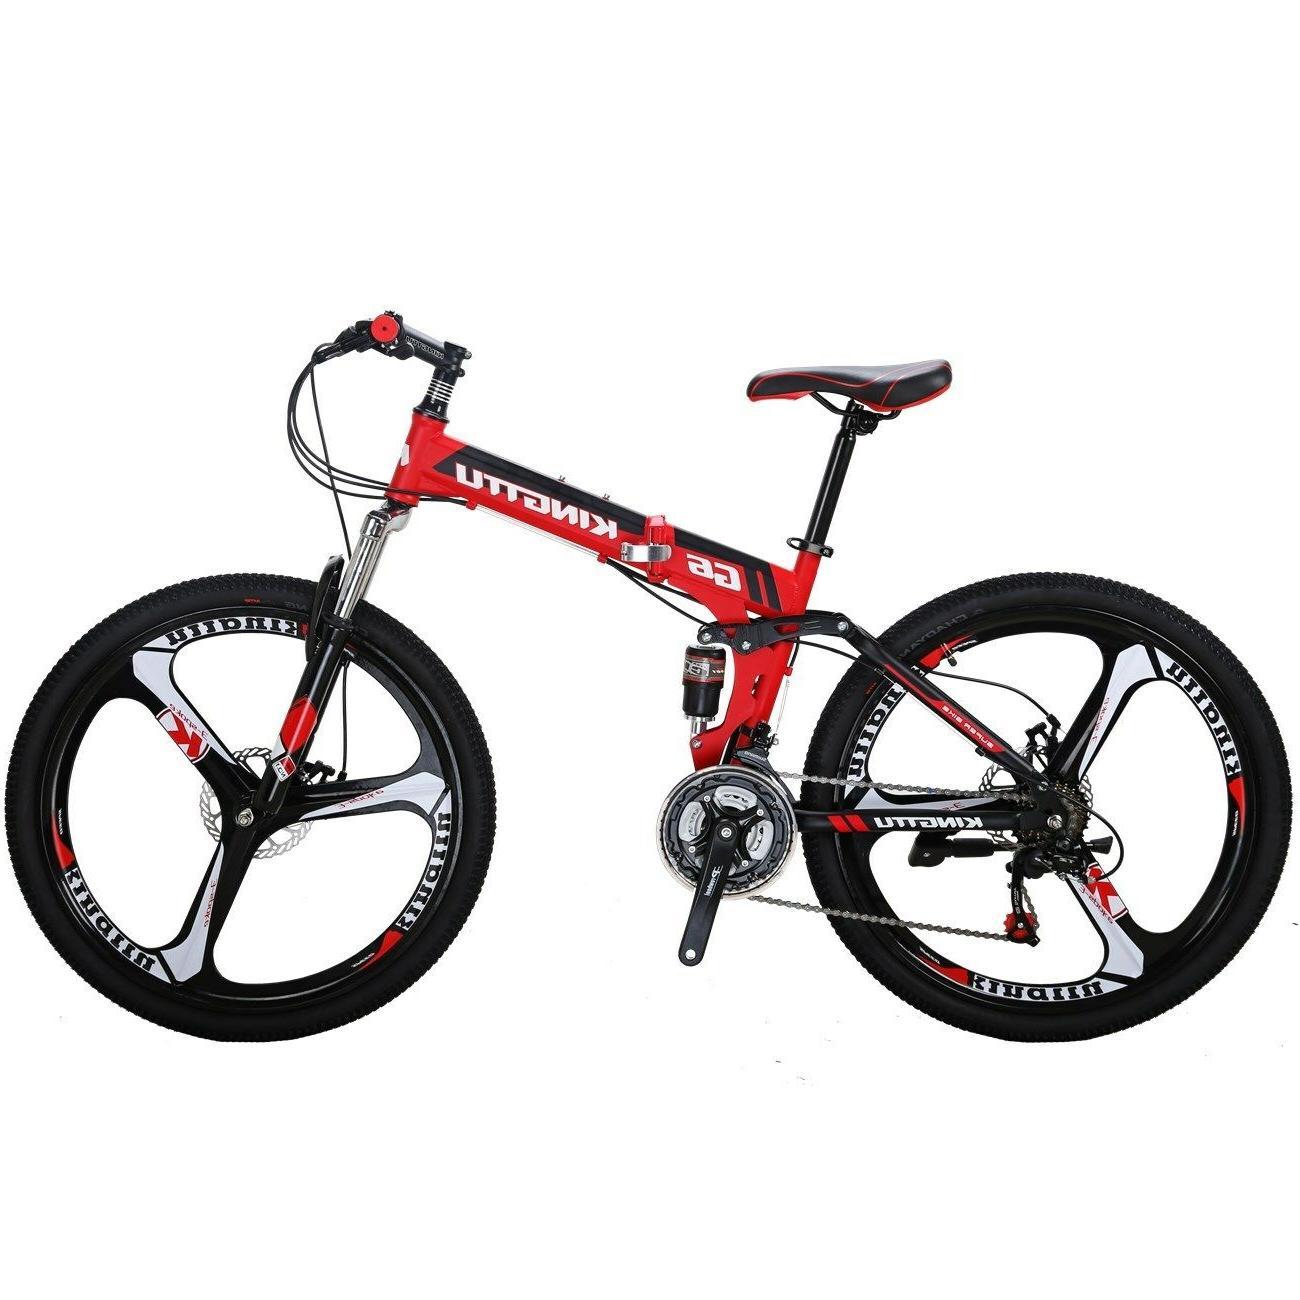 """G6 Mountain Bike 26"""" 3 Spoke Suspension Speed Bicycle"""